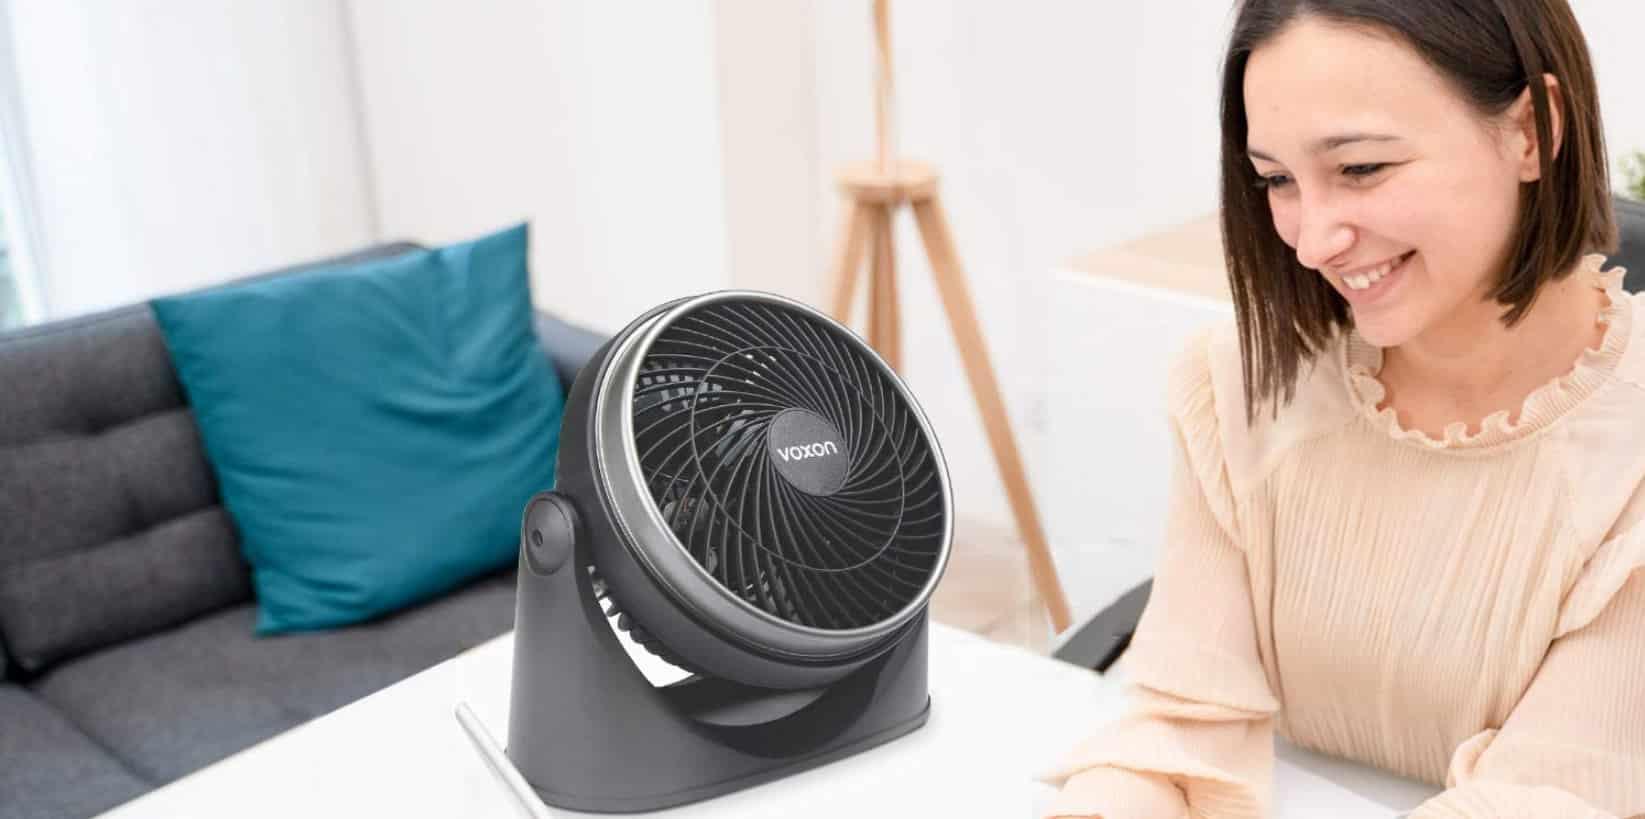 Comparatif pour choisir le meilleur ventilateur